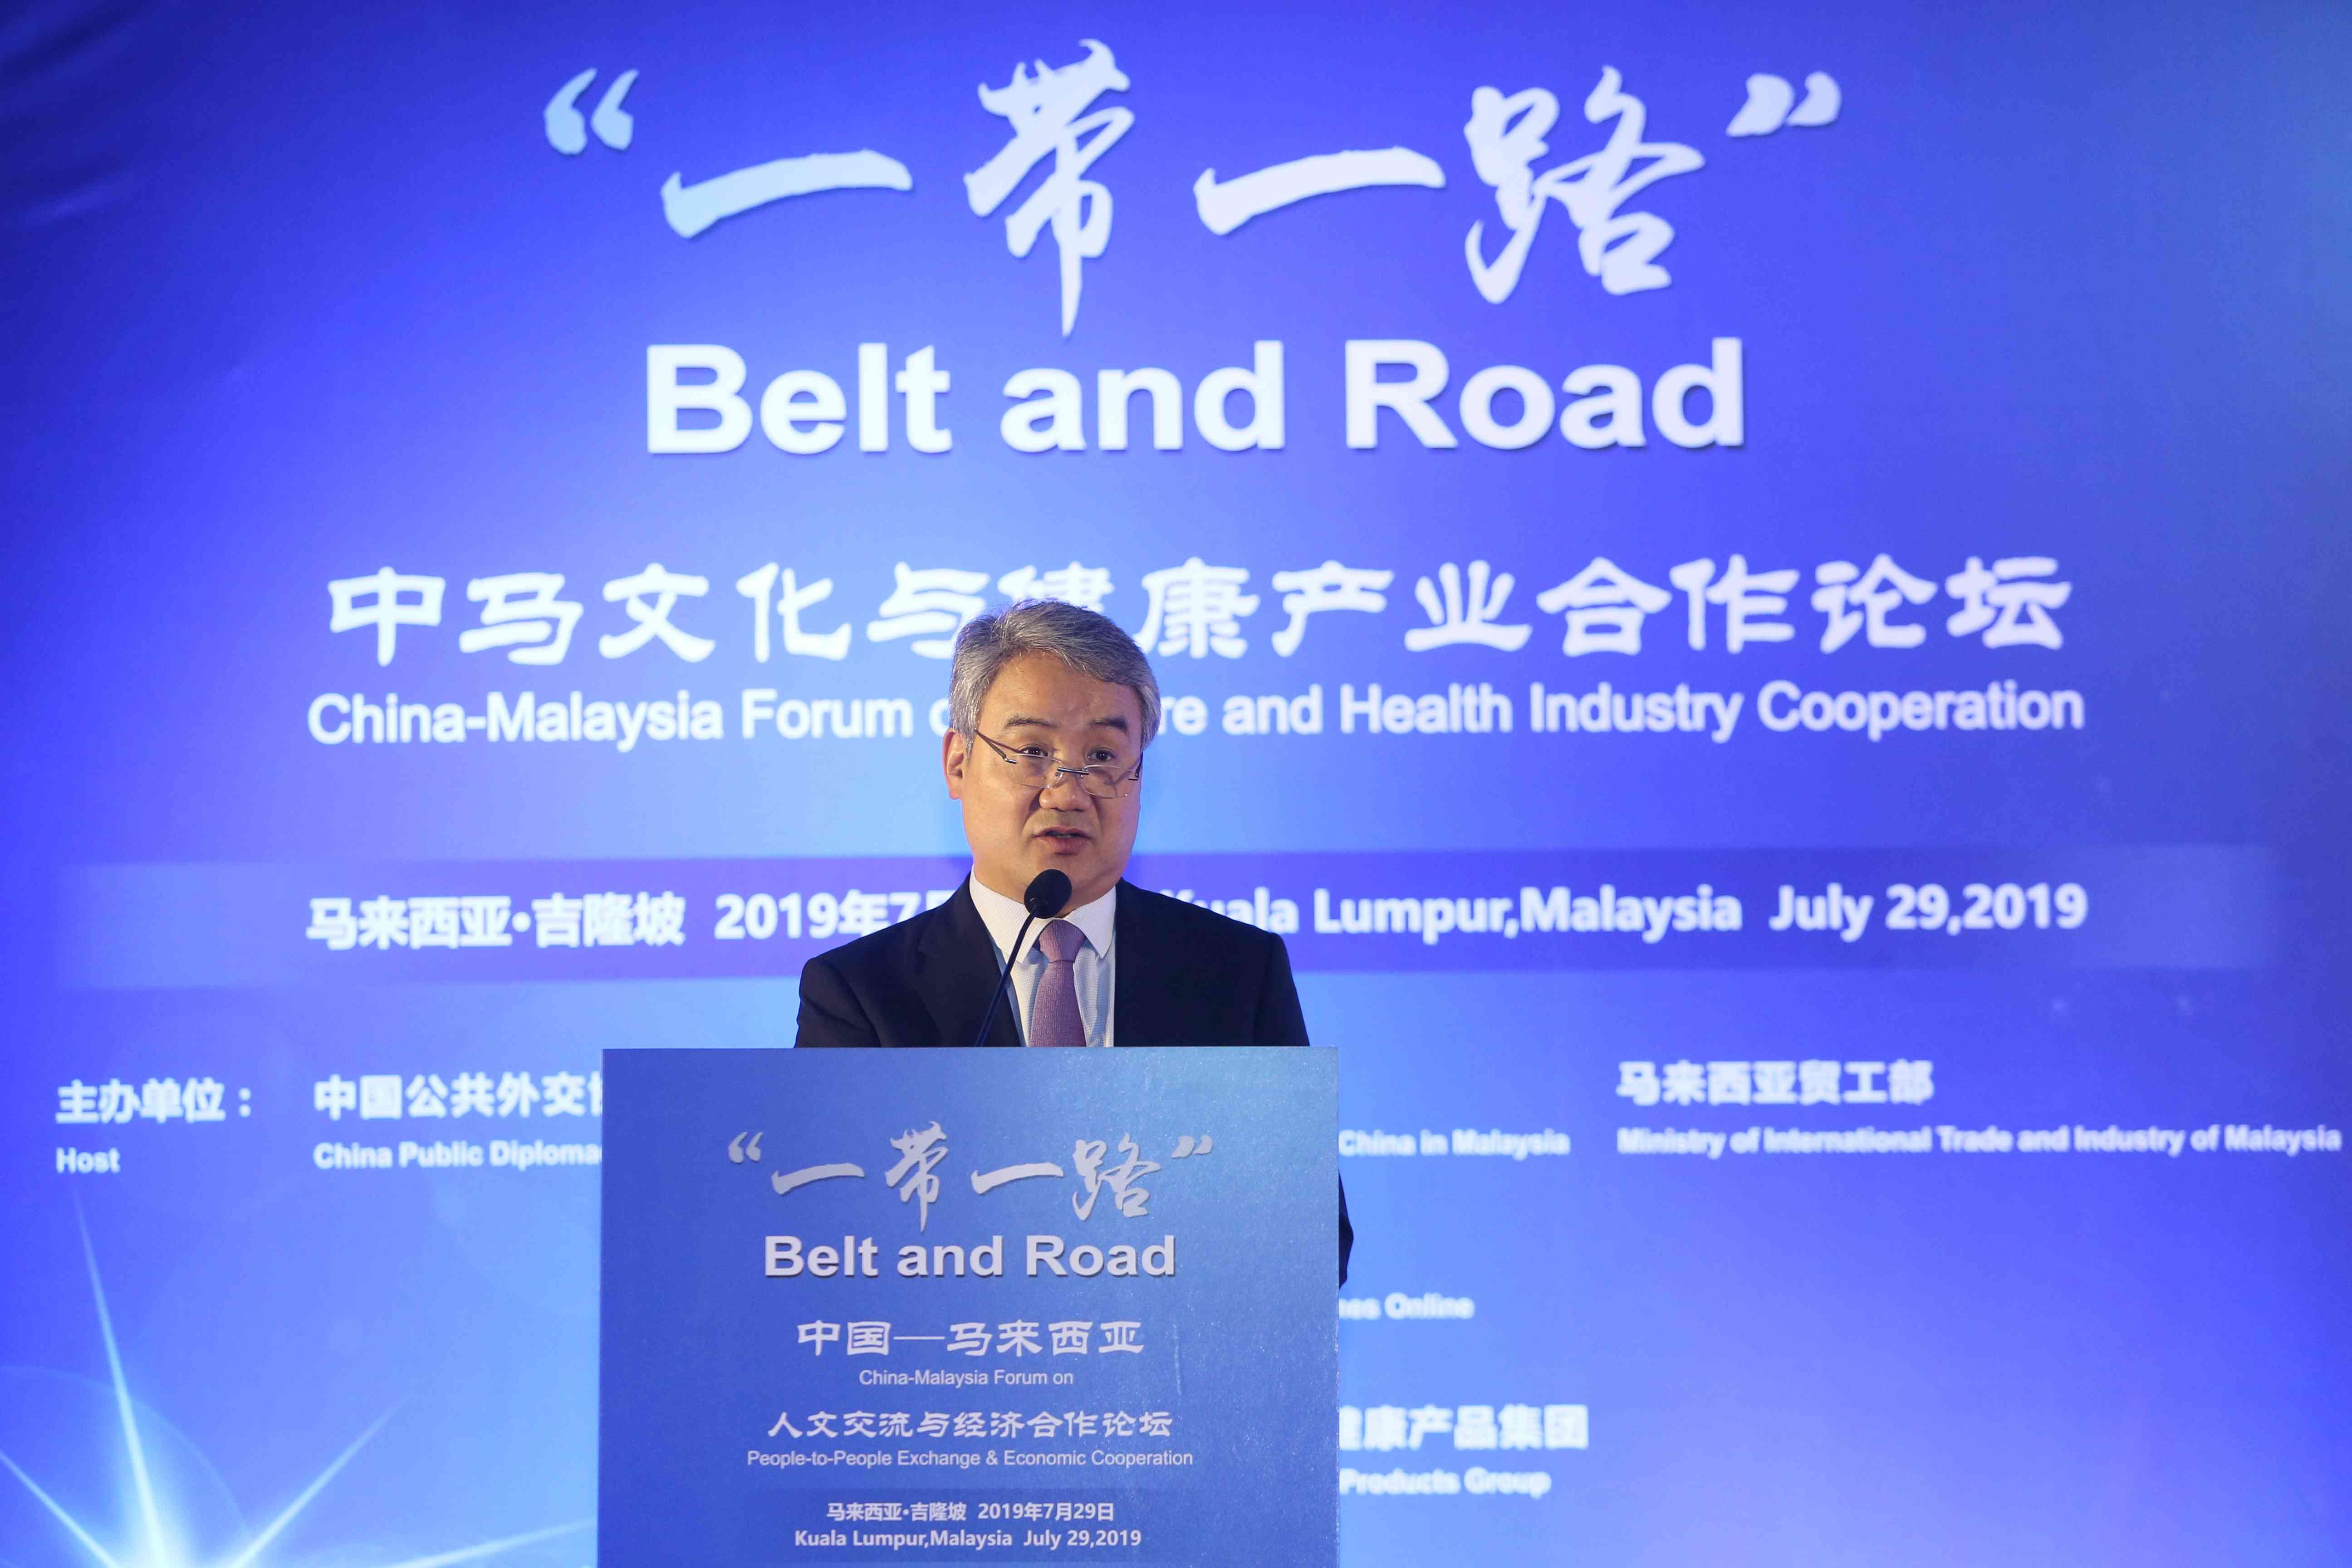 """环球网总经理单成彪:""""一带一路""""为中医文化和产品走出去提供了重要平台和良好契机"""